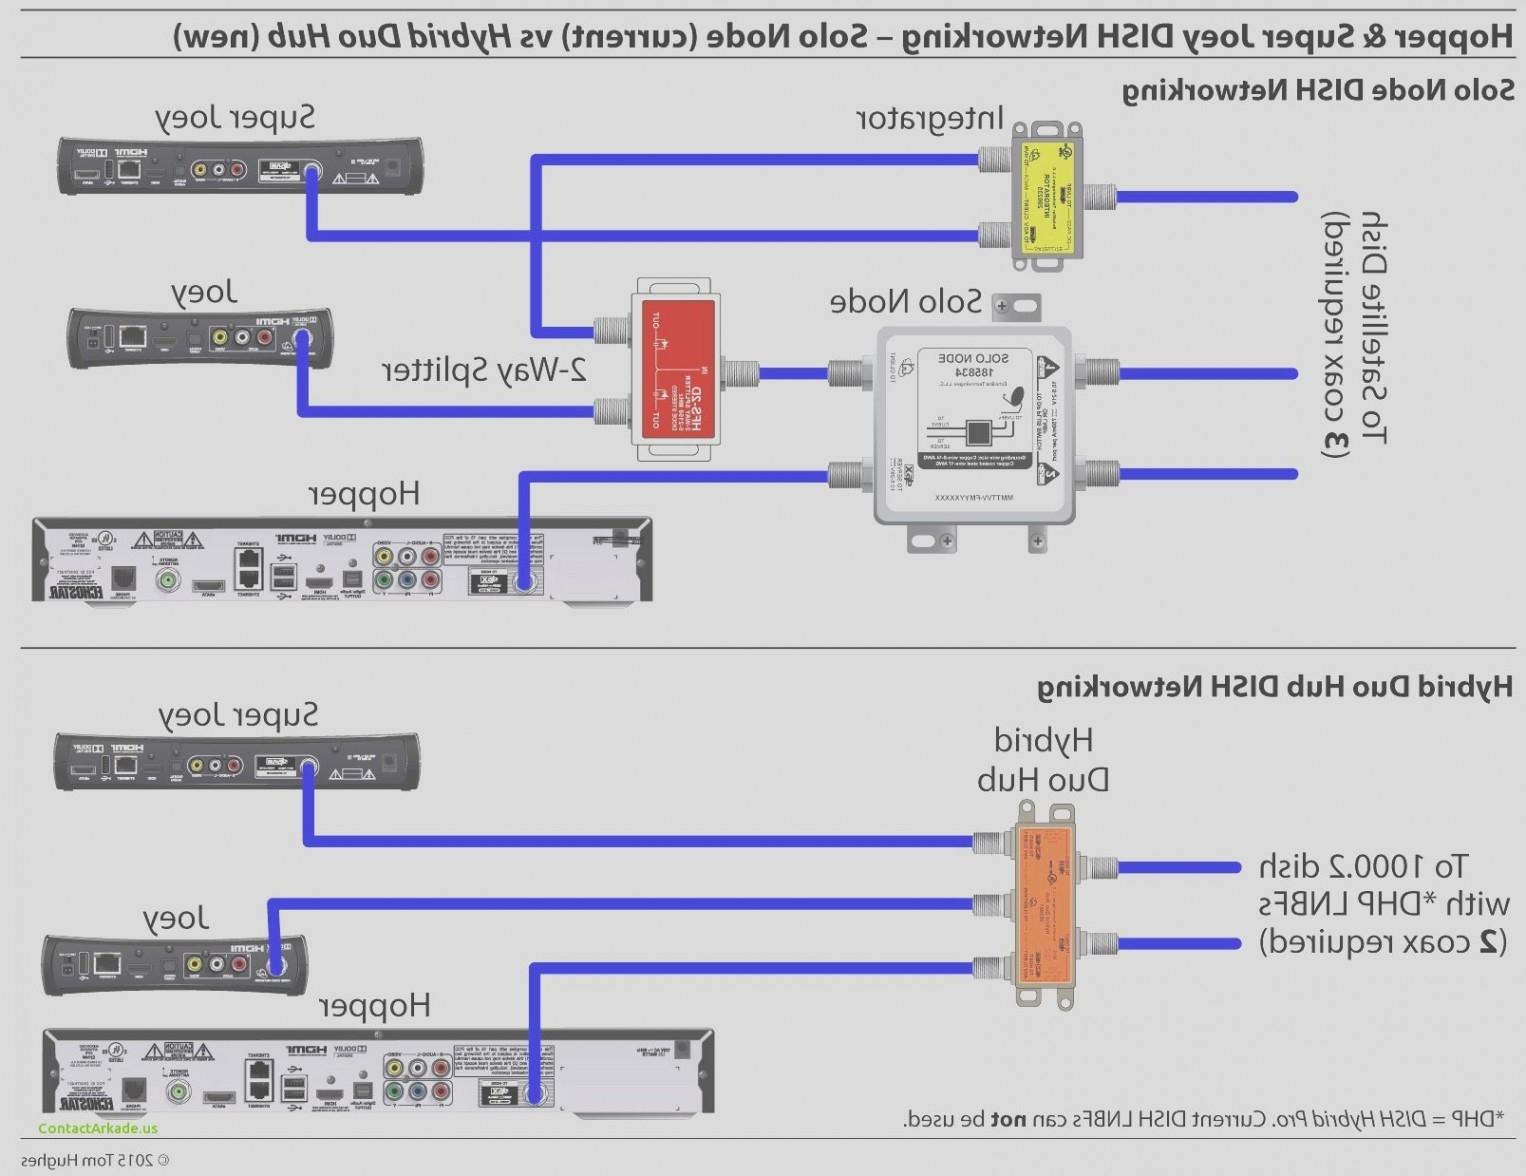 att uverse wiring diagram Download-Att Uverse Wiring Diagram – Att Uverse Wiring Diagram Fresh Att Uverse Wiring Diagram Lovely 11-j